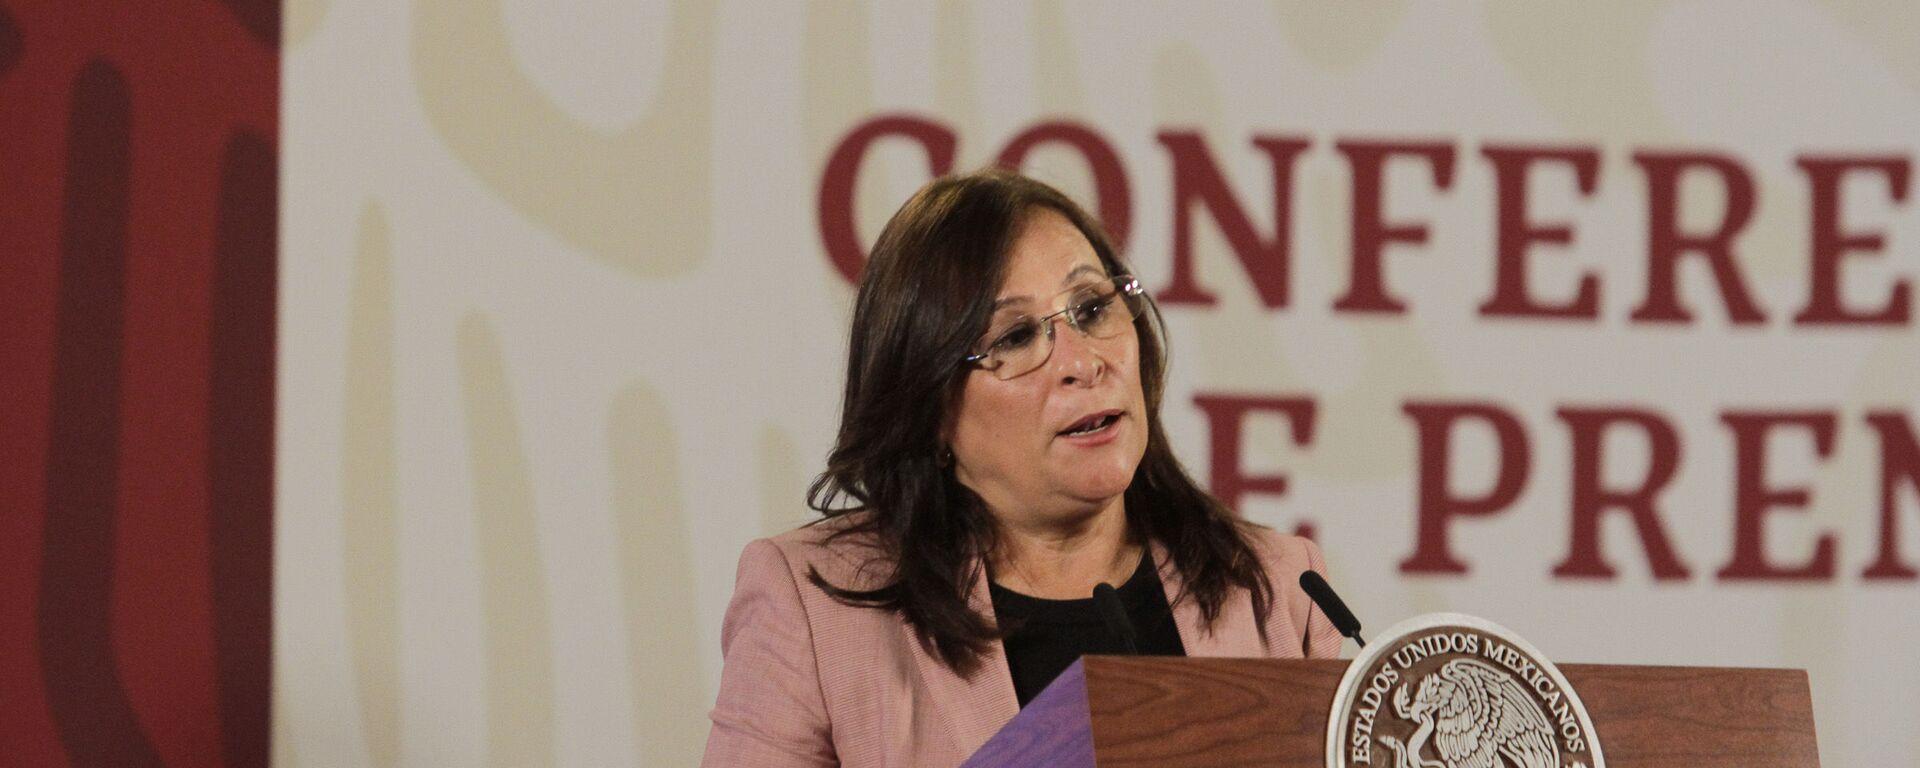 La secretaria de Energía de México, Norma Rocío Nahle García - Sputnik Mundo, 1920, 04.02.2021